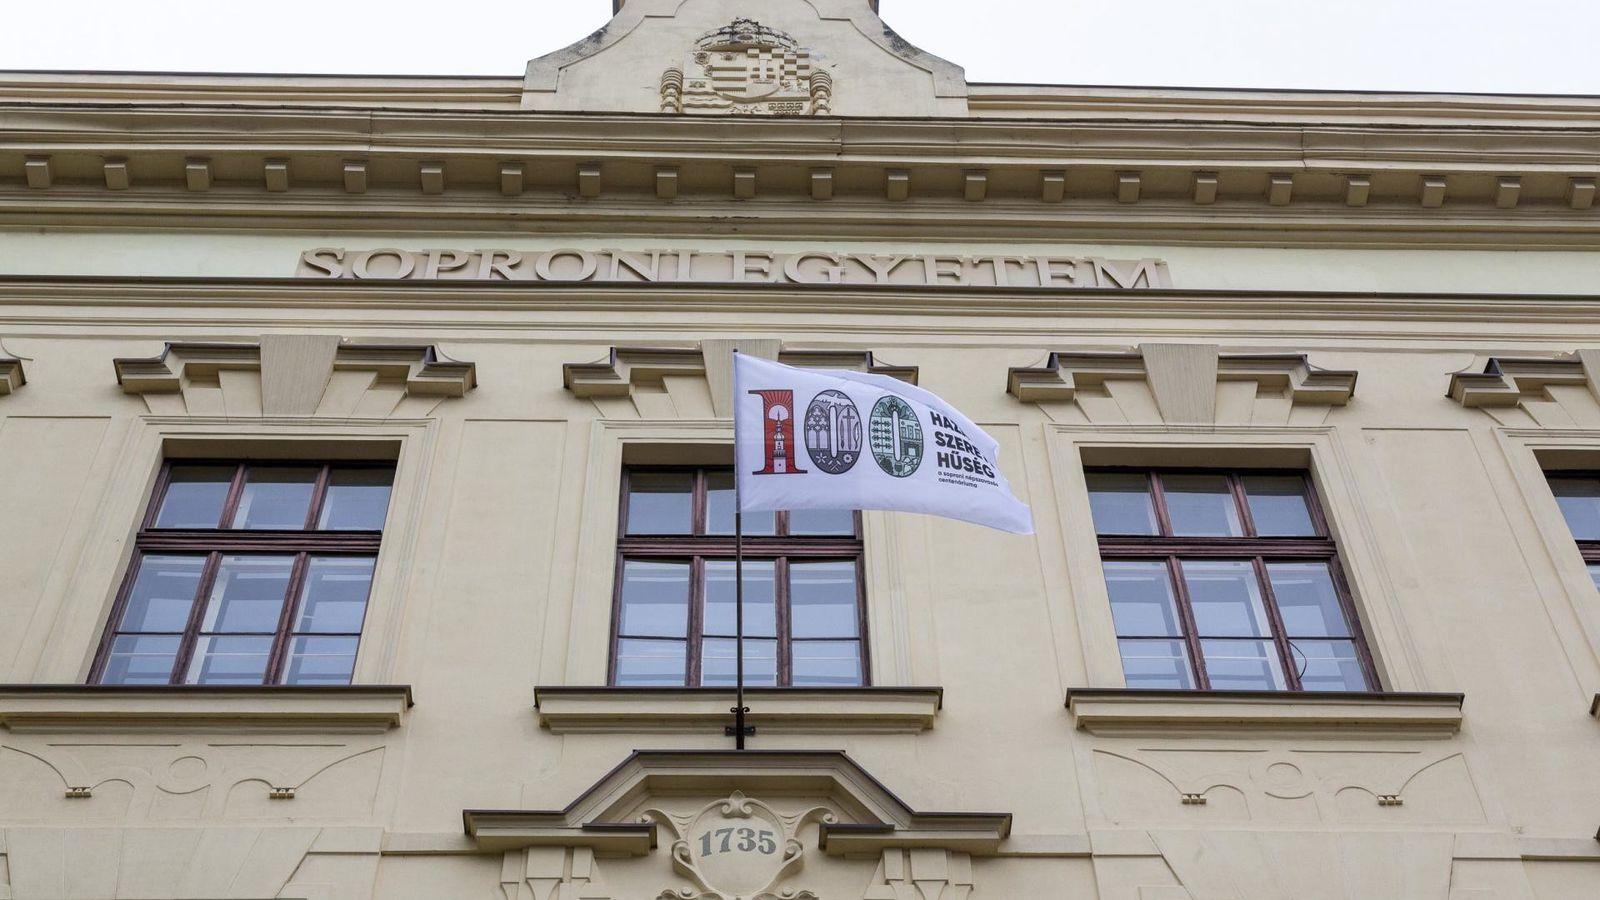 A Soproni Egyetemen is lobog a centenáriumi zászló